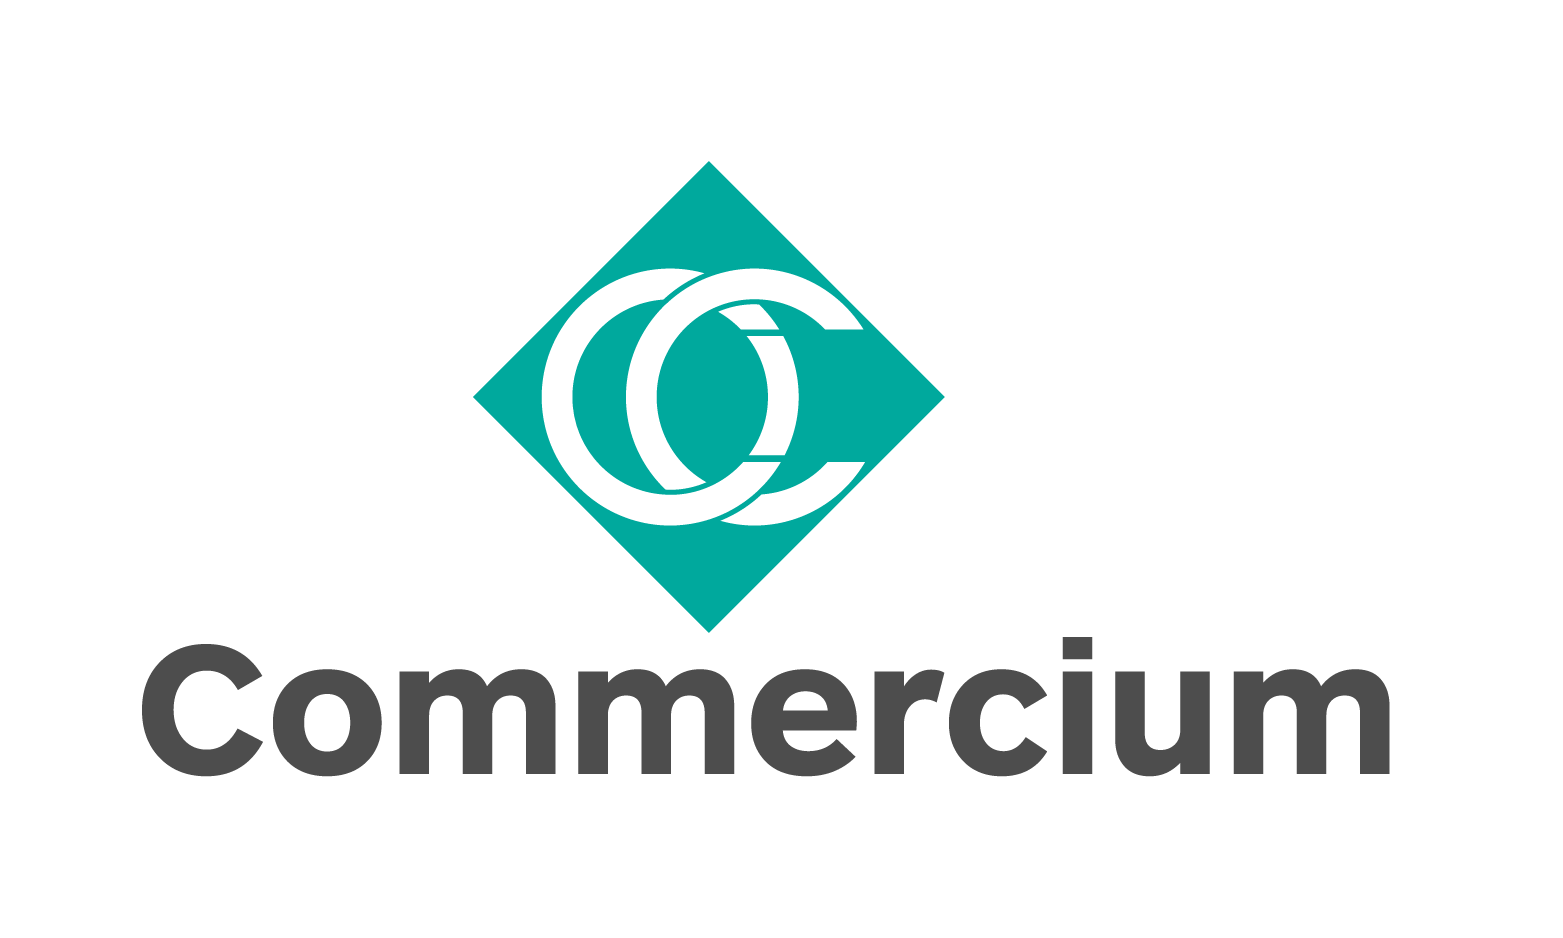 Commercium.com